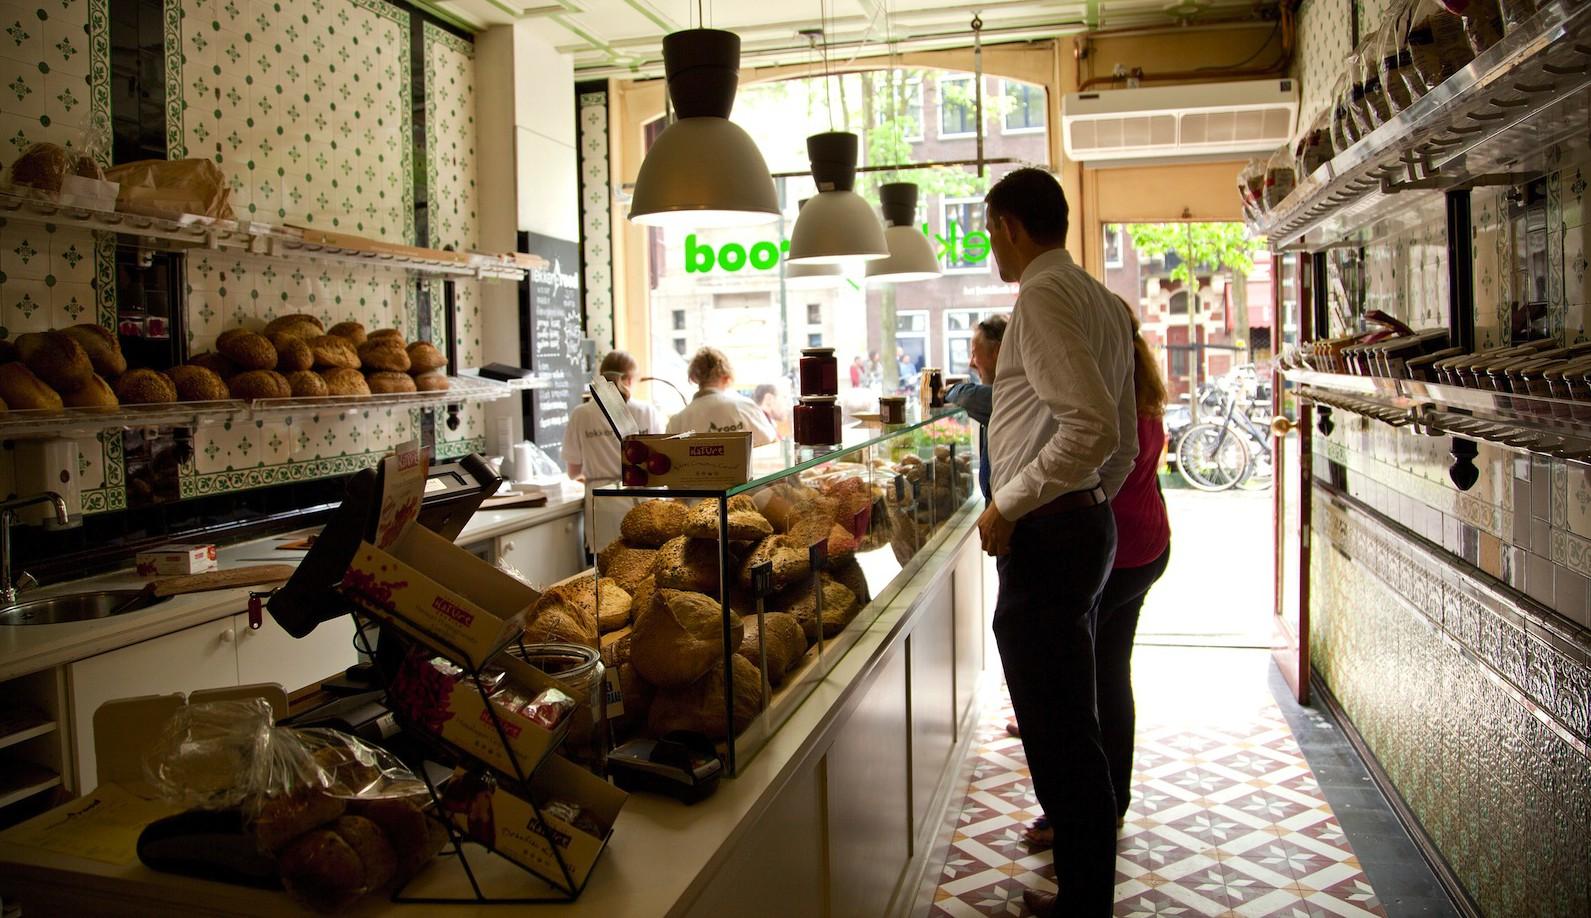 Lekker brood biologische bakker den haag puur uit eten for Reiswinkel den haag